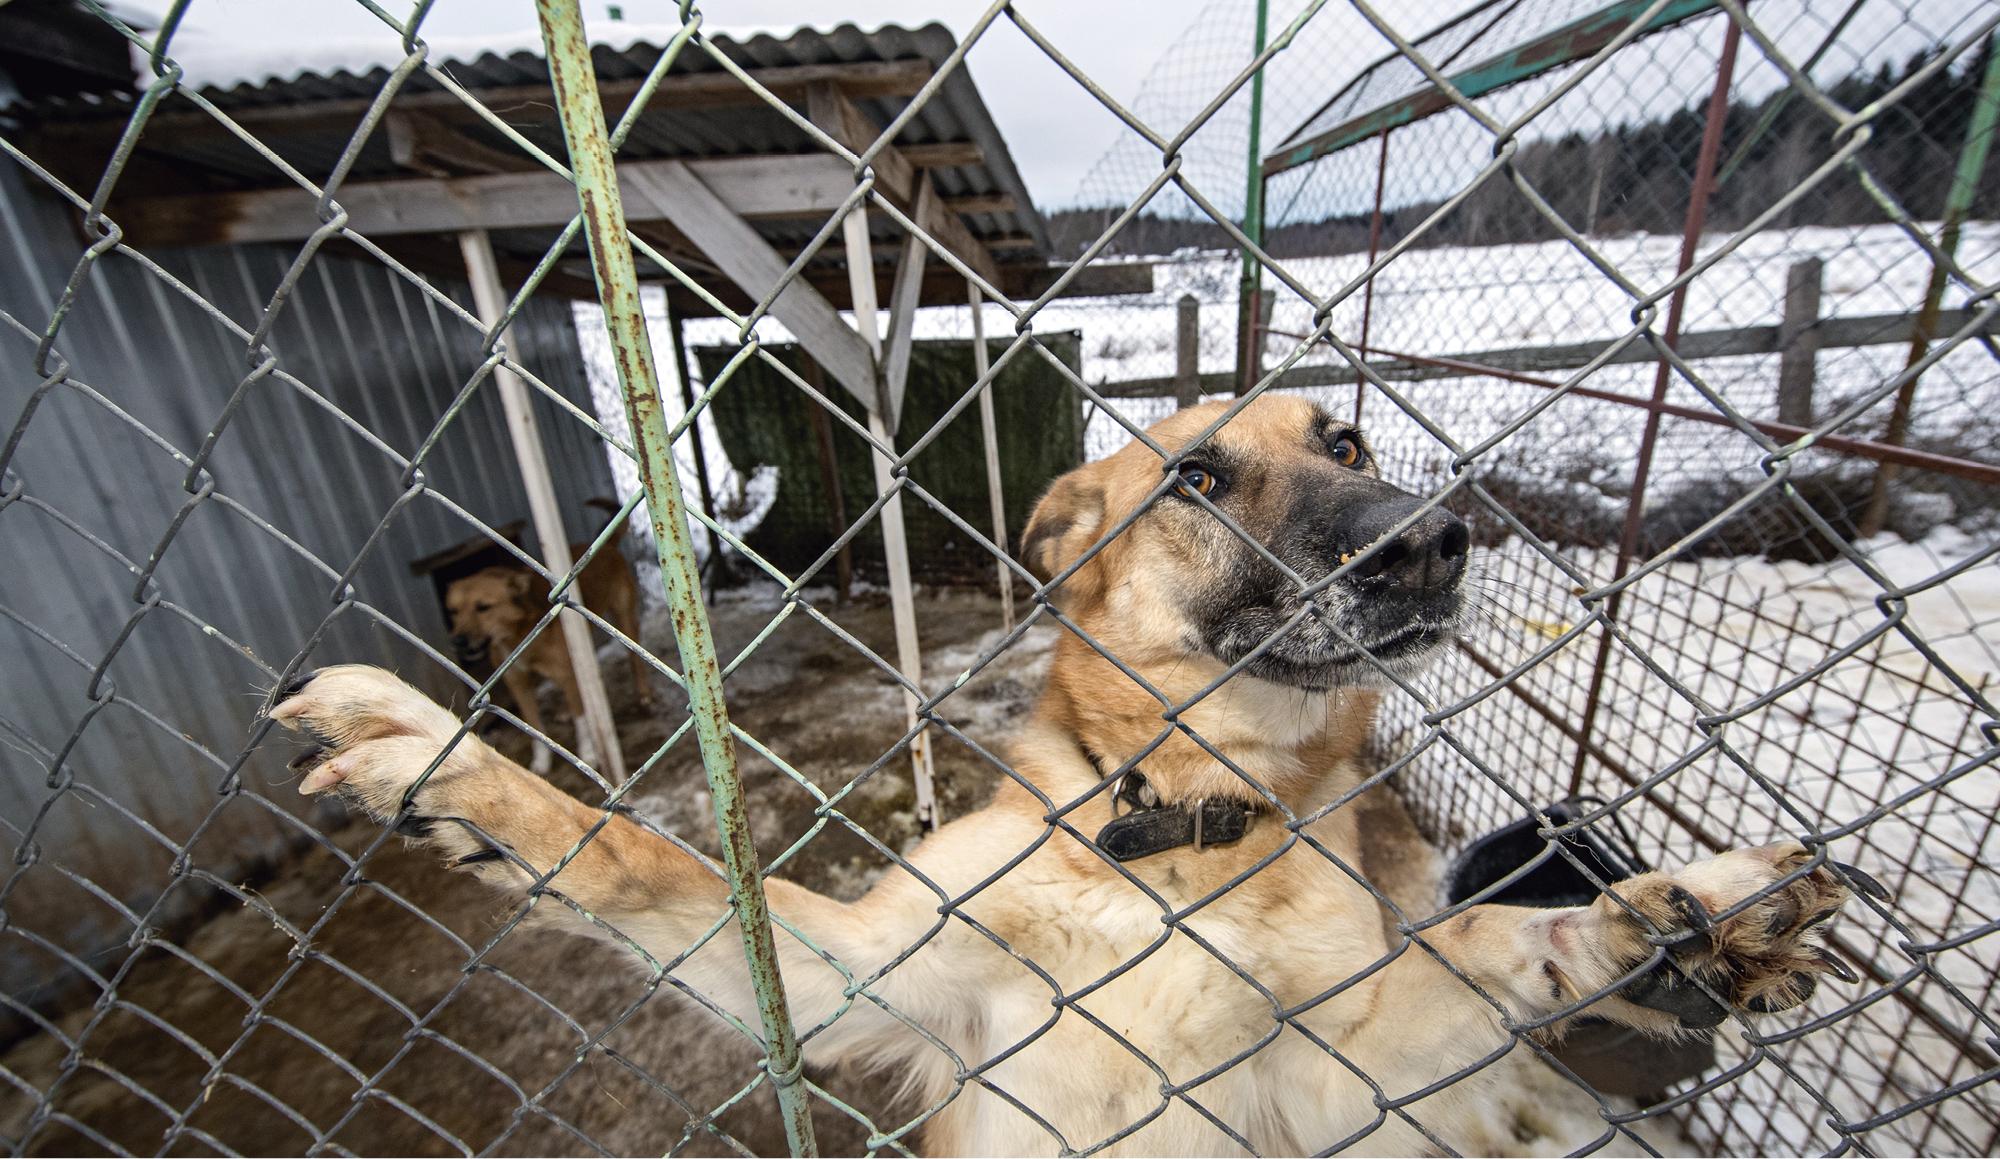 Viipurilainen koiratarha pyörii hyväntekeväisyyden varassa ja eläinsuojelun nimissä.